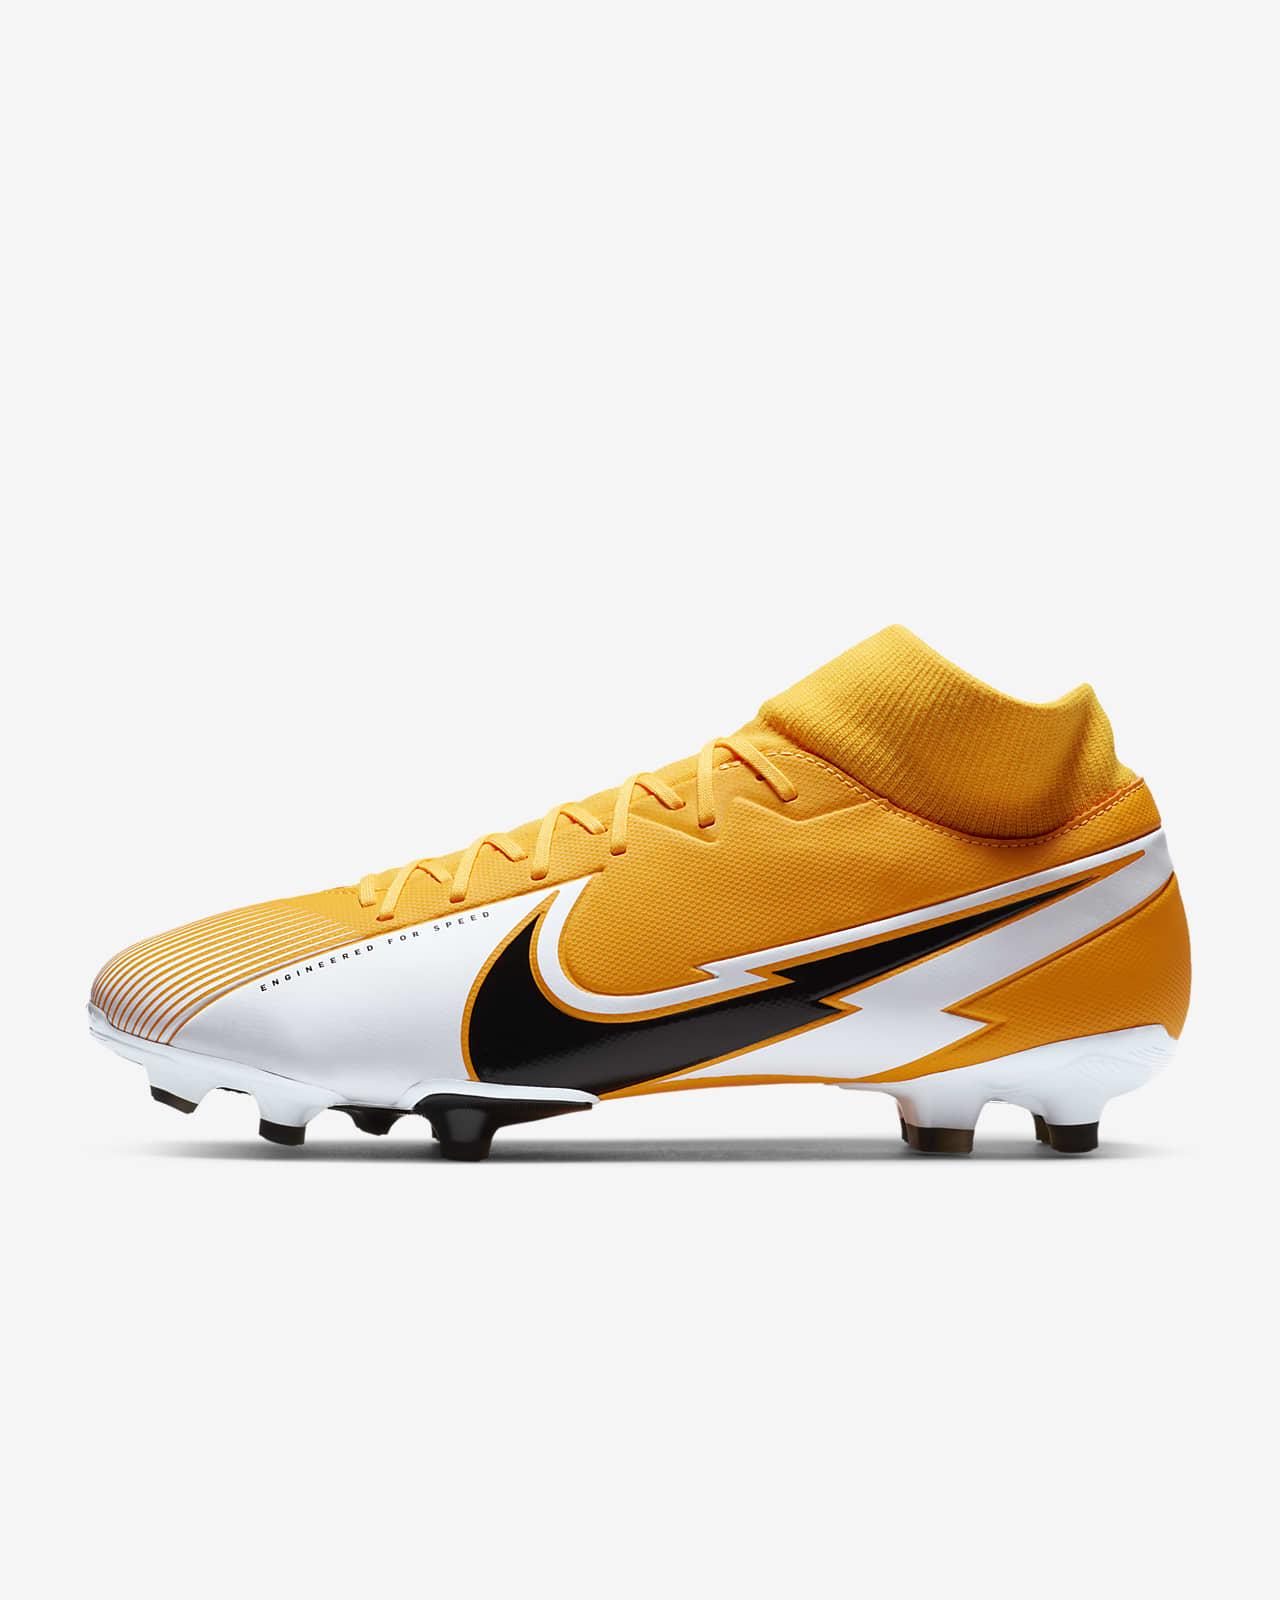 Nike Mercurial Superfly 7 Academy MG-fodboldstøvle til flere typer underlag